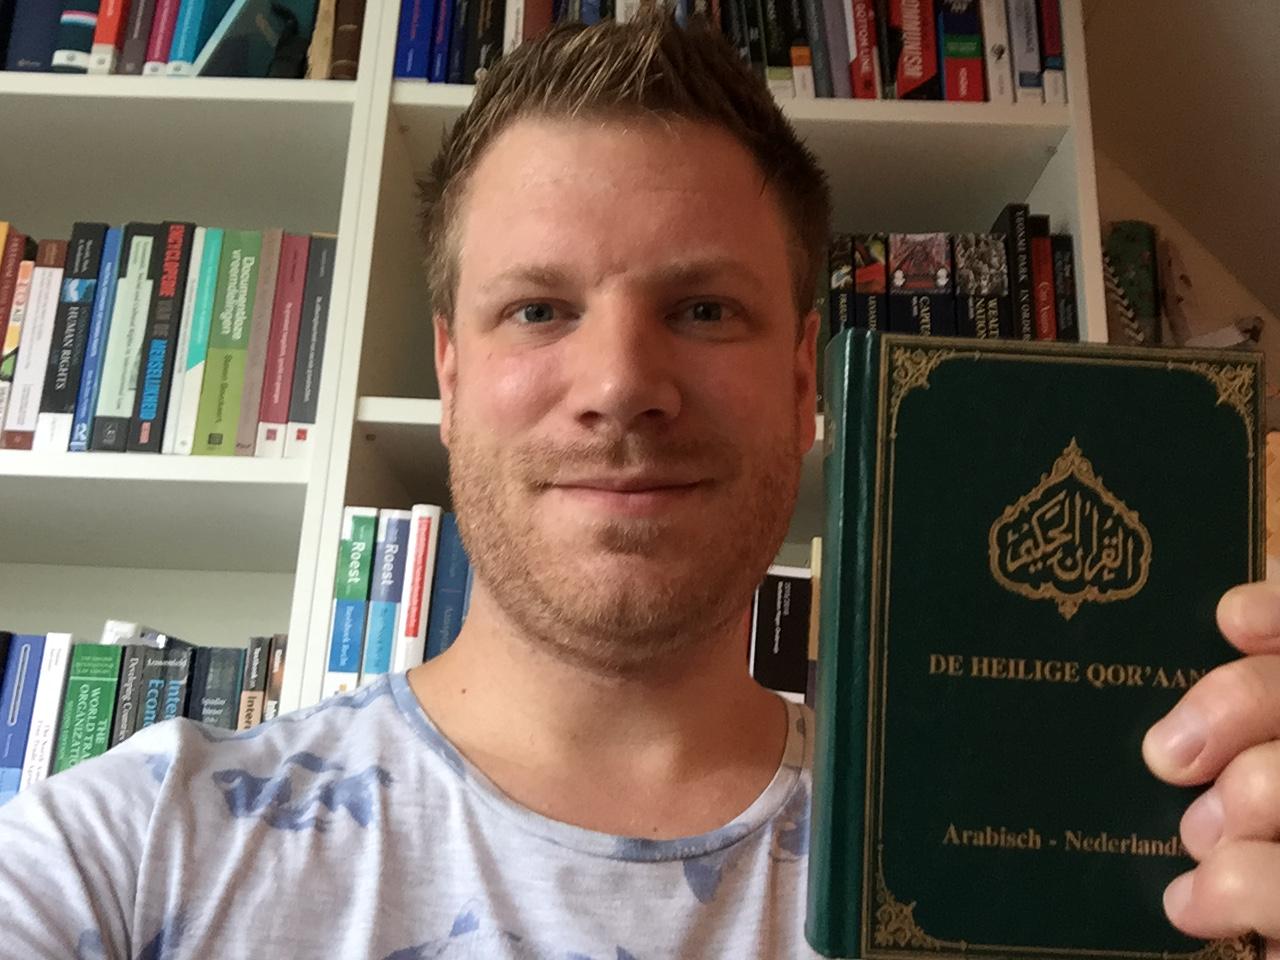 Bart Quran